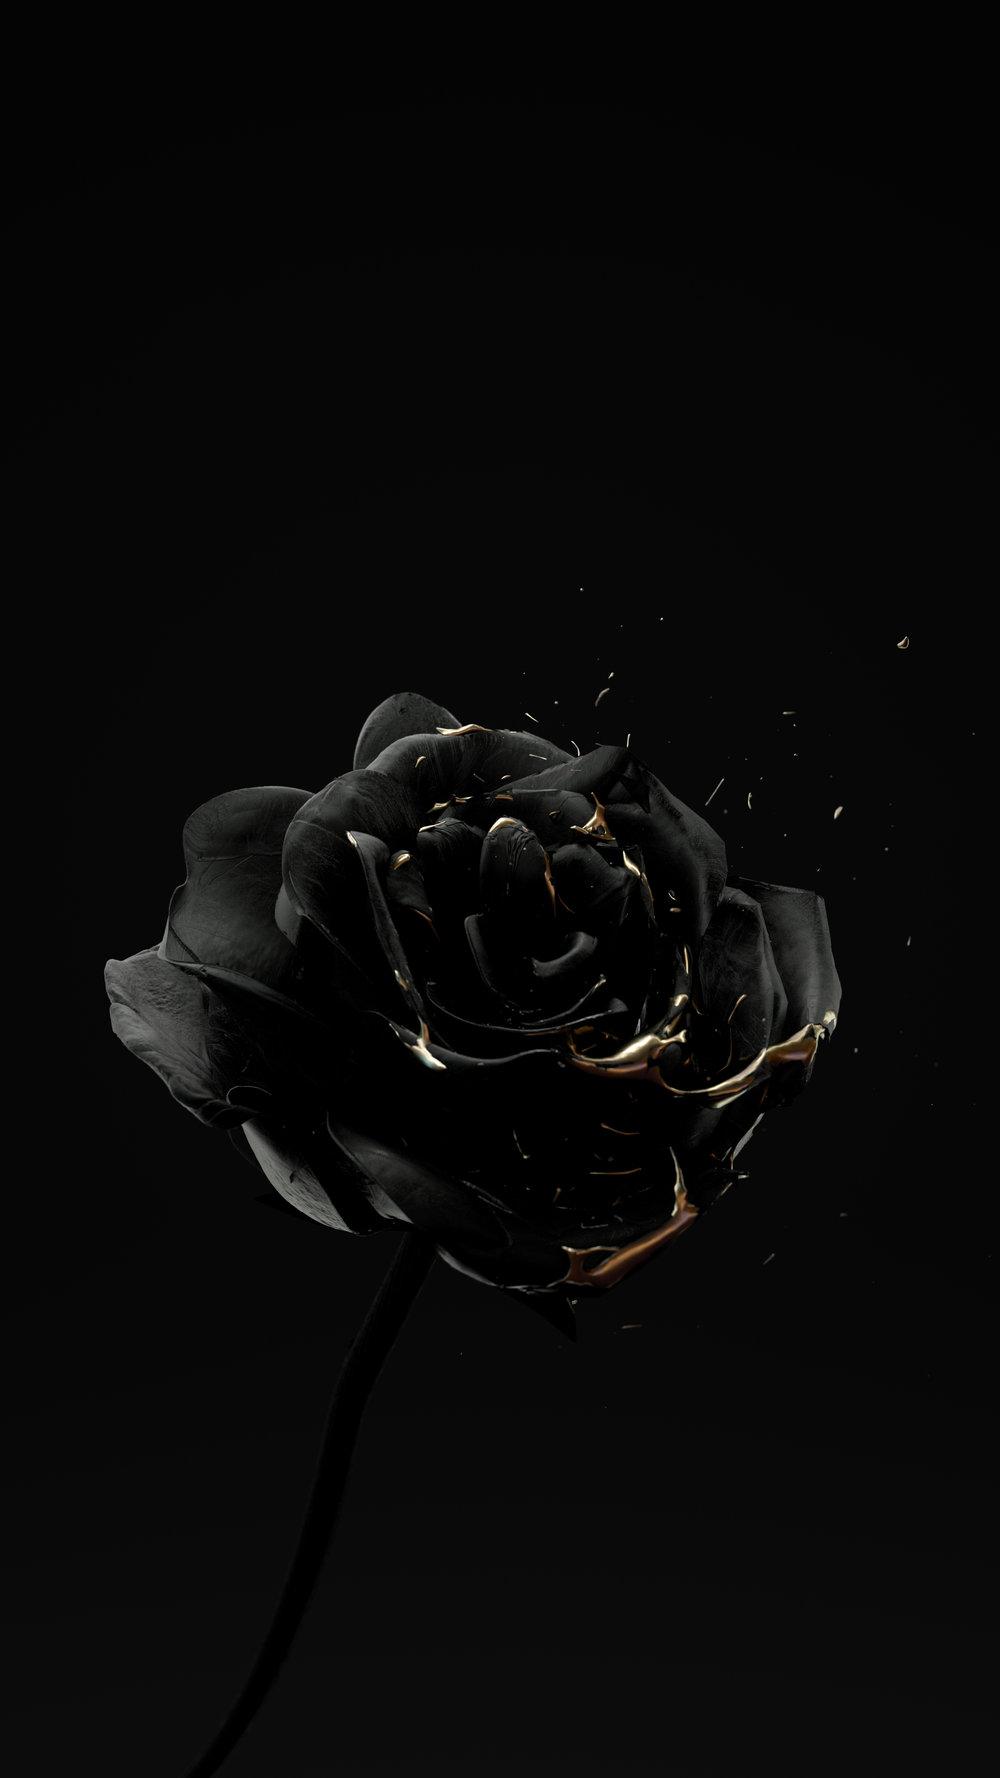 13_GoldRose_004_FULL.jpg